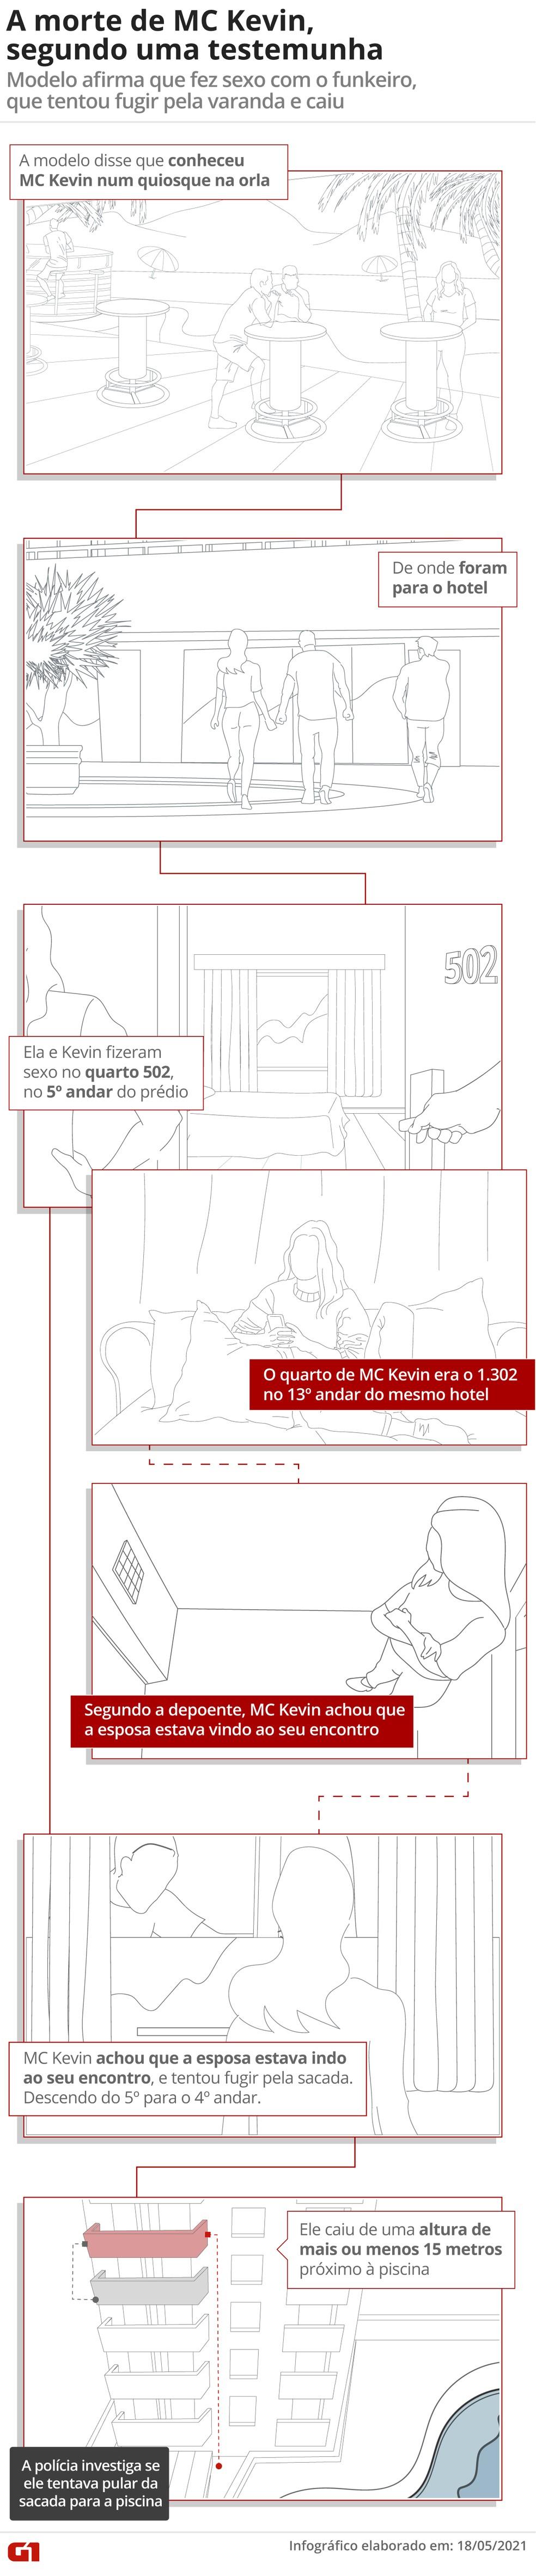 Momentos que antecederam a queda de MC Kevin, de acordo com depoimento da testemunha — Foto: Infografia: Guilherme Luiz Pinheiro/G1